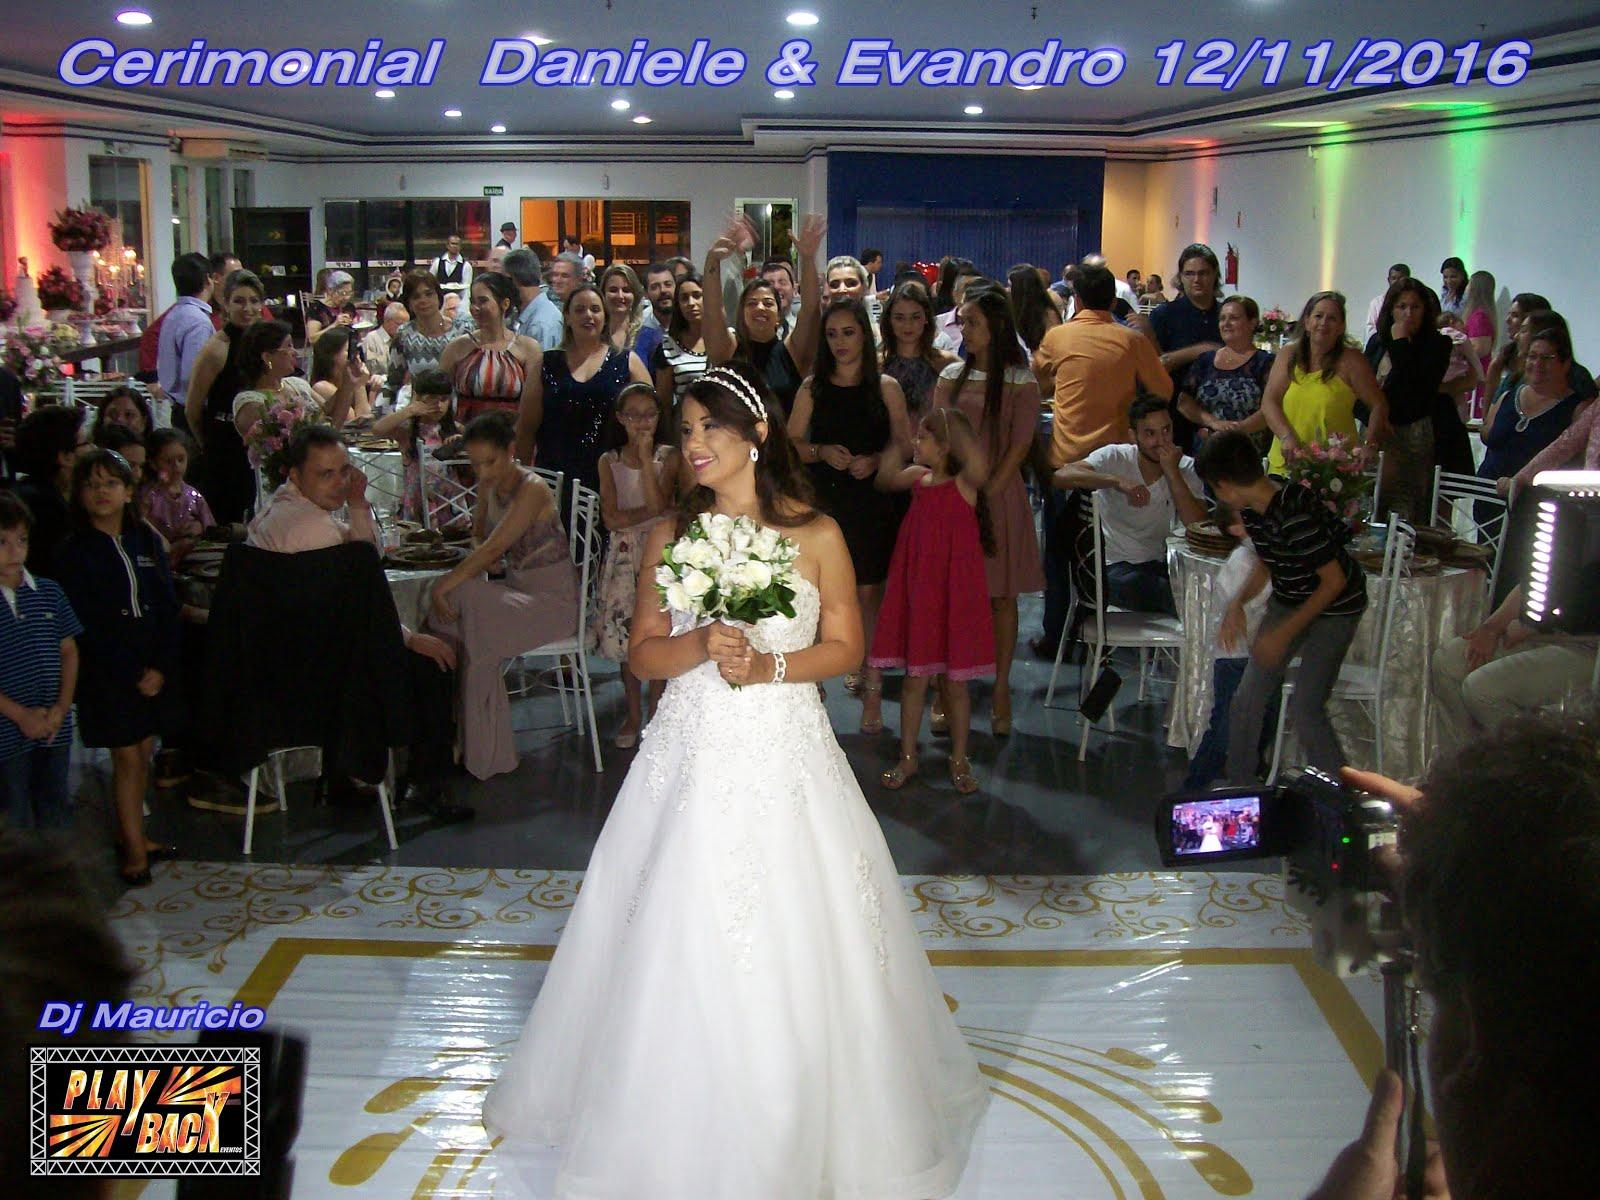 Casamento Daniele & Evandro